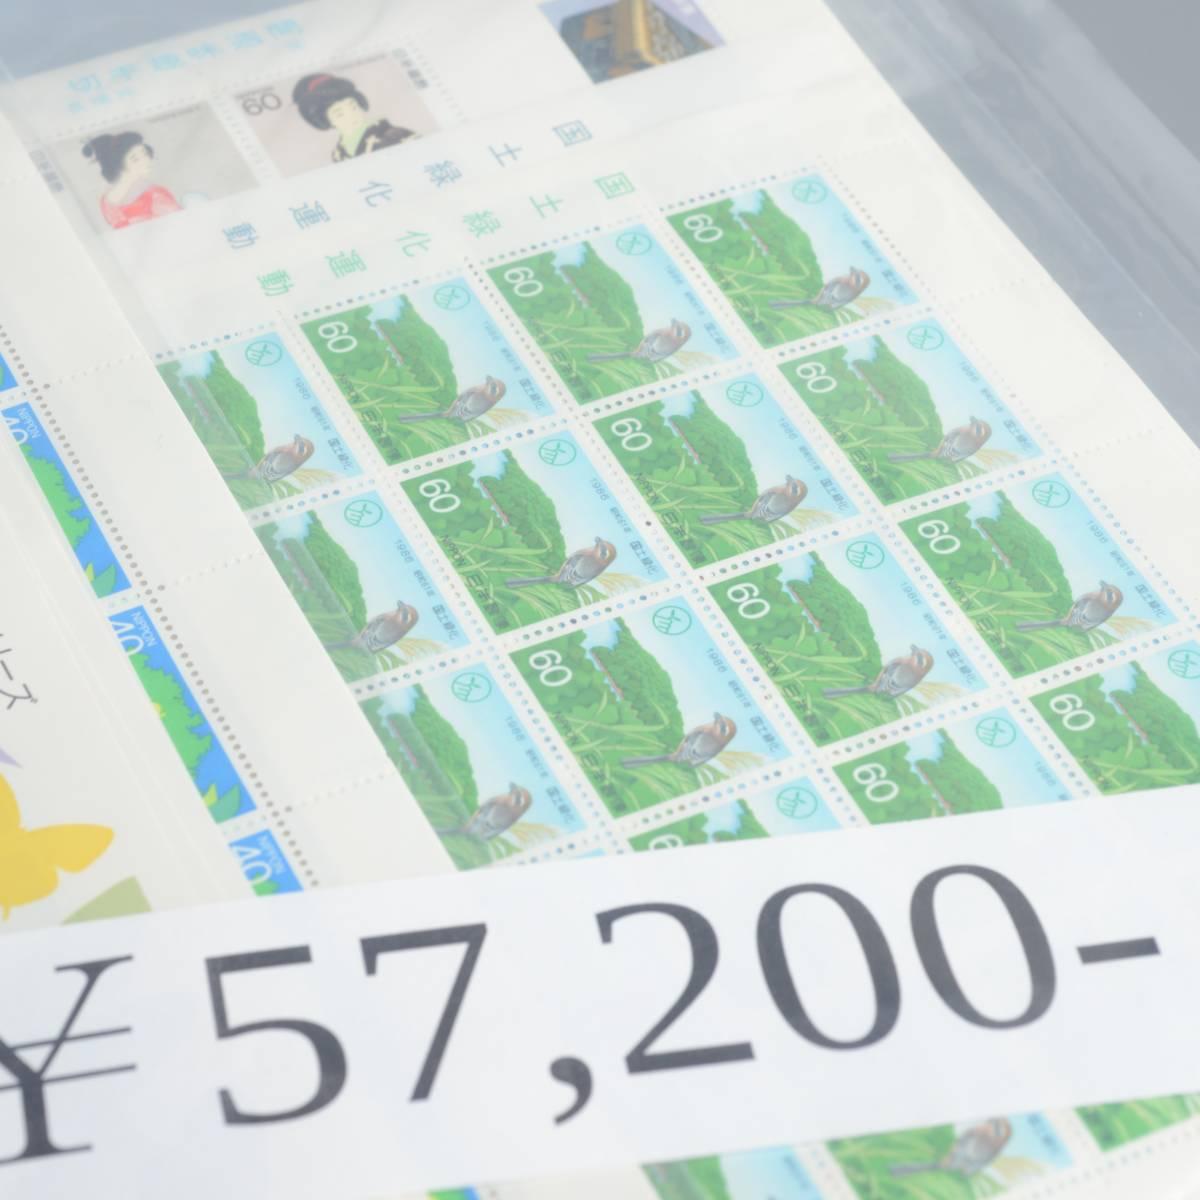 通信用切手まとめて 額面合計200,871円 即決落札有_画像4